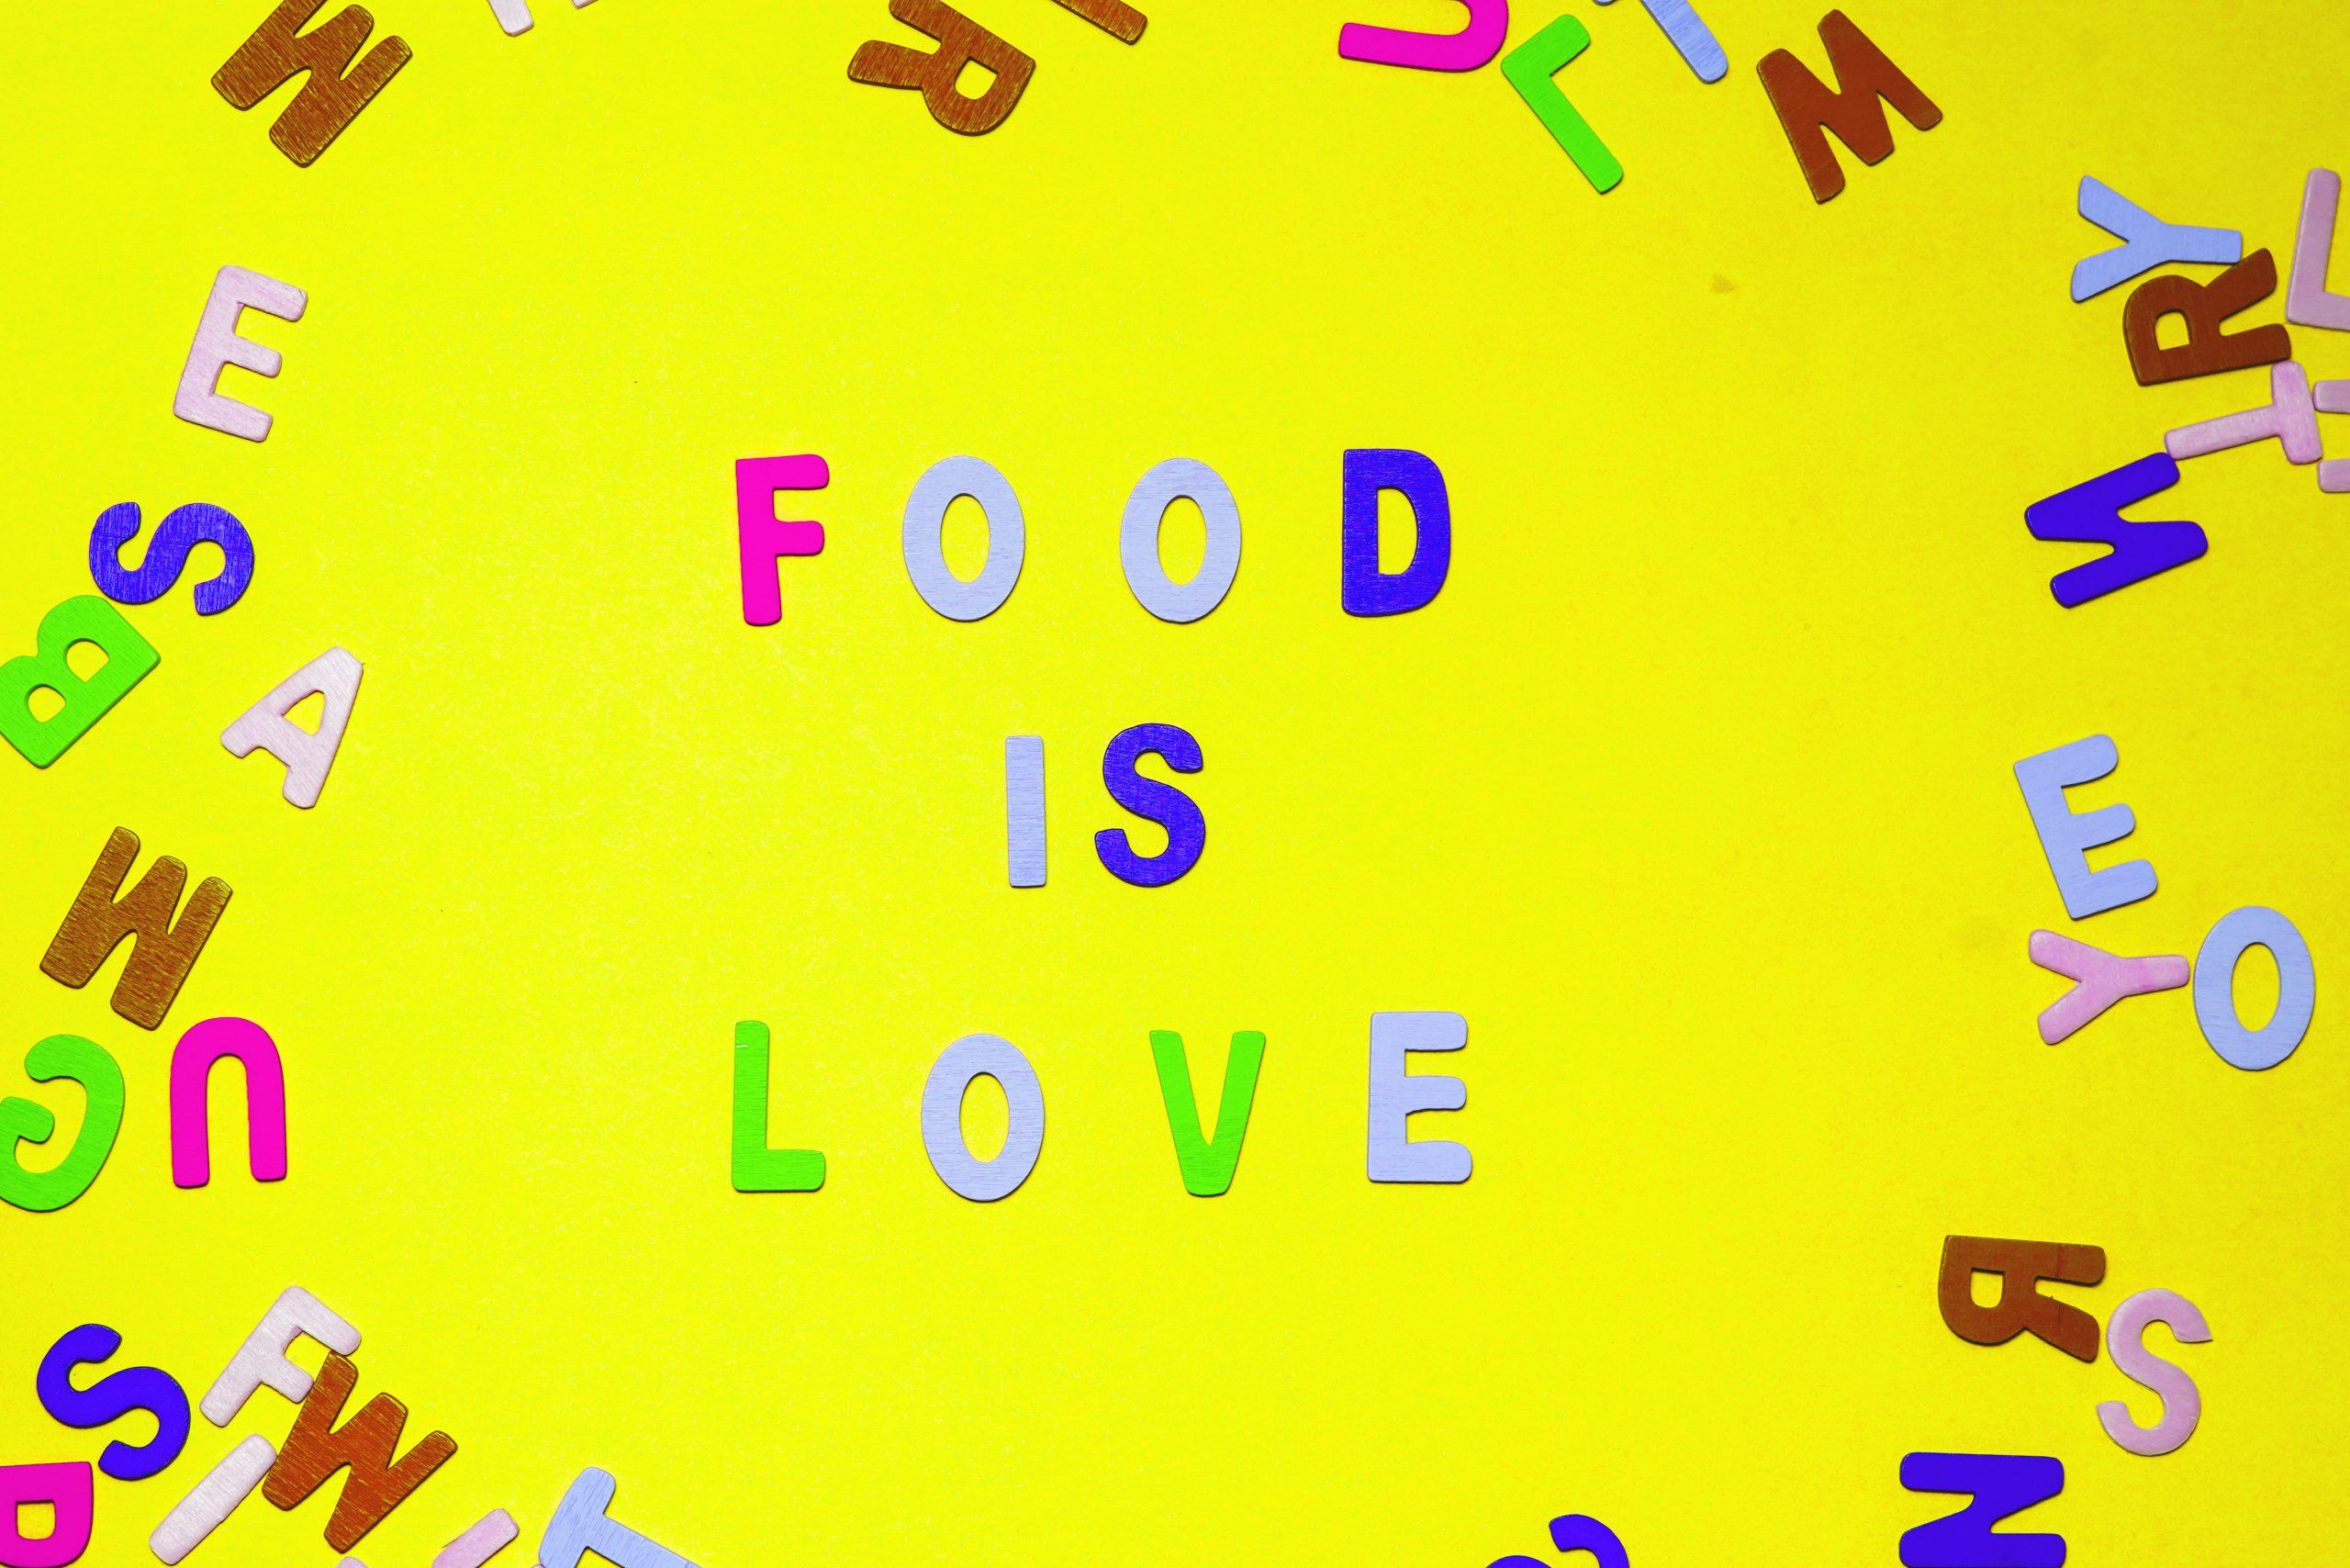 Food is love